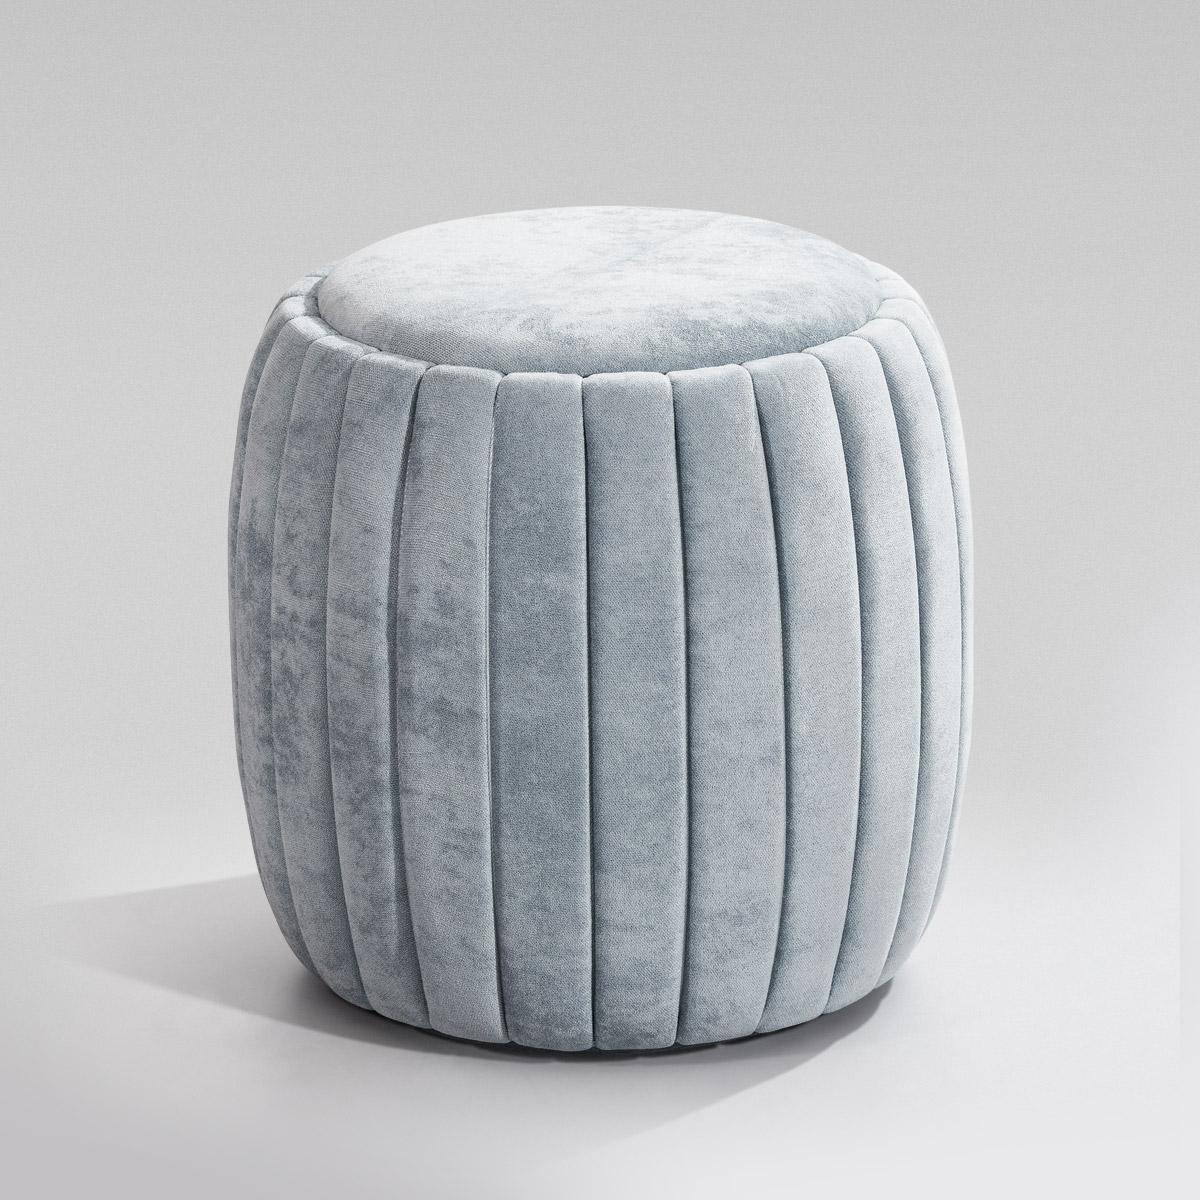 contour Banco Contour colunex contour stool 01 1